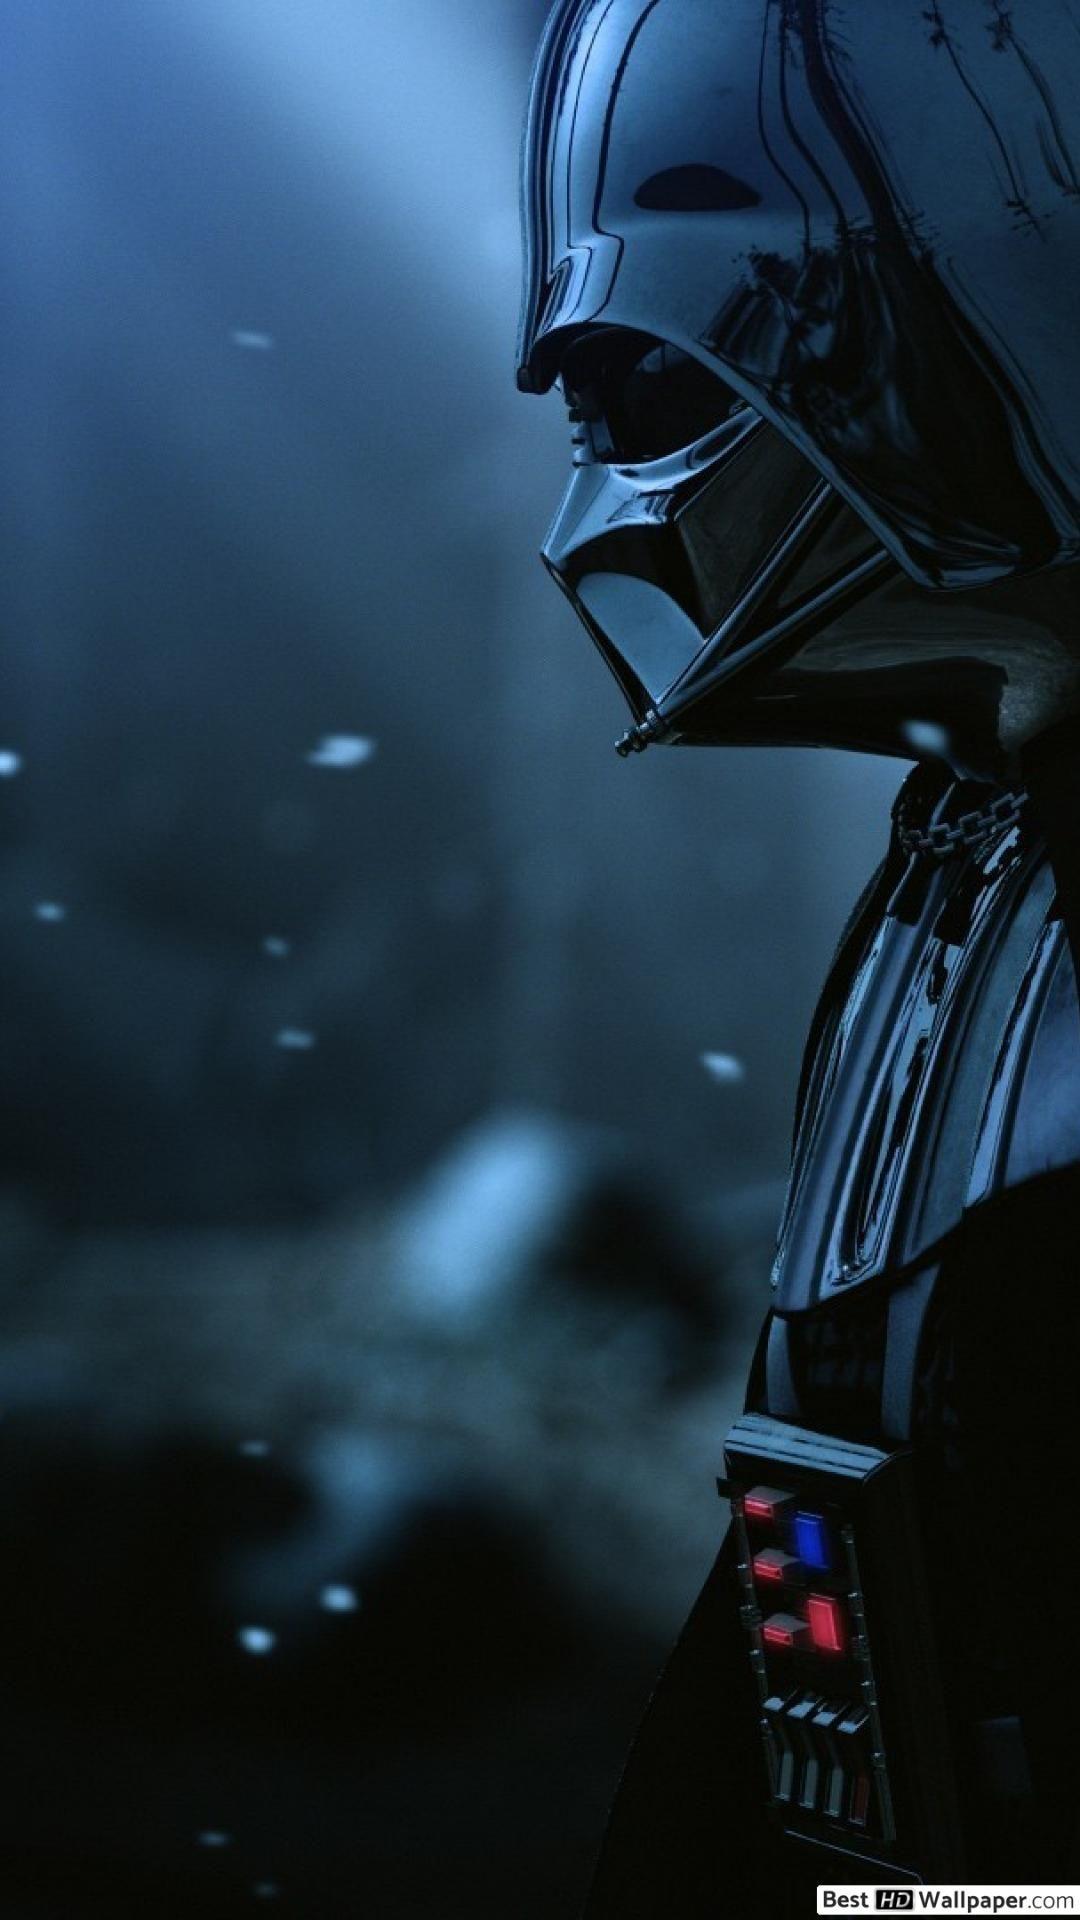 Darth Vader Star Wars Vs Aliens Fantasy Sci-Fi 4K Wallpapers - Wallpaper Cave